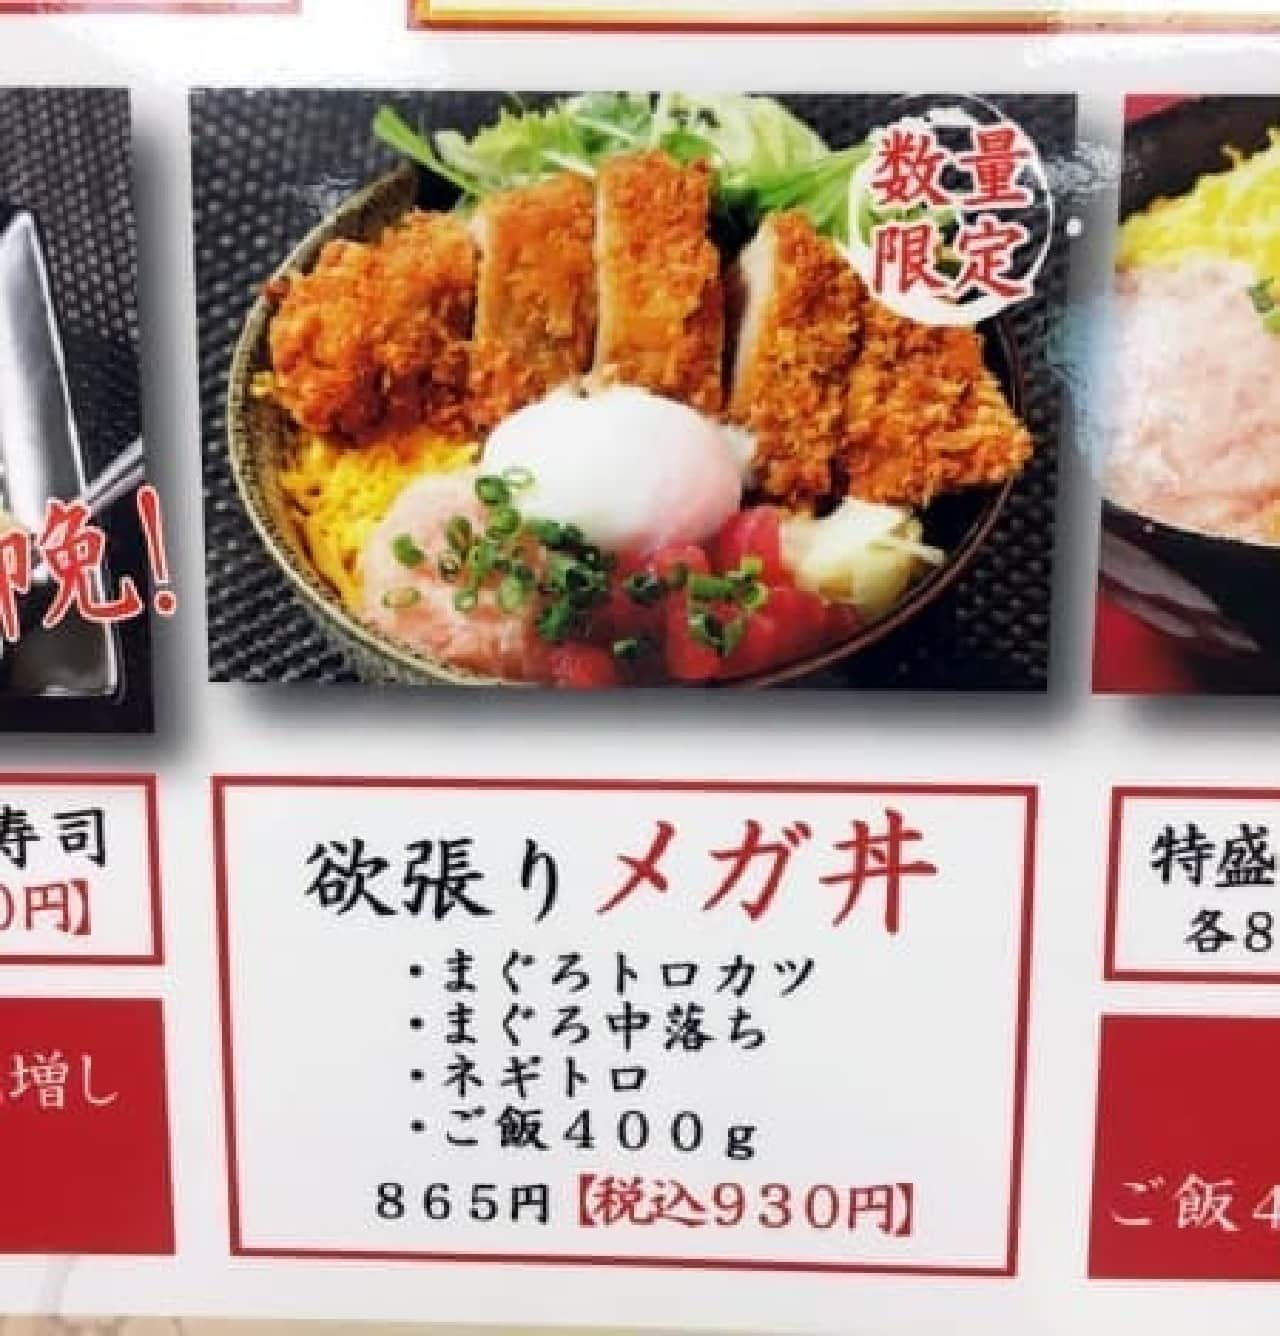 まぐろのなかだ屋 五反田TOCビル店「こぼれ寿司」